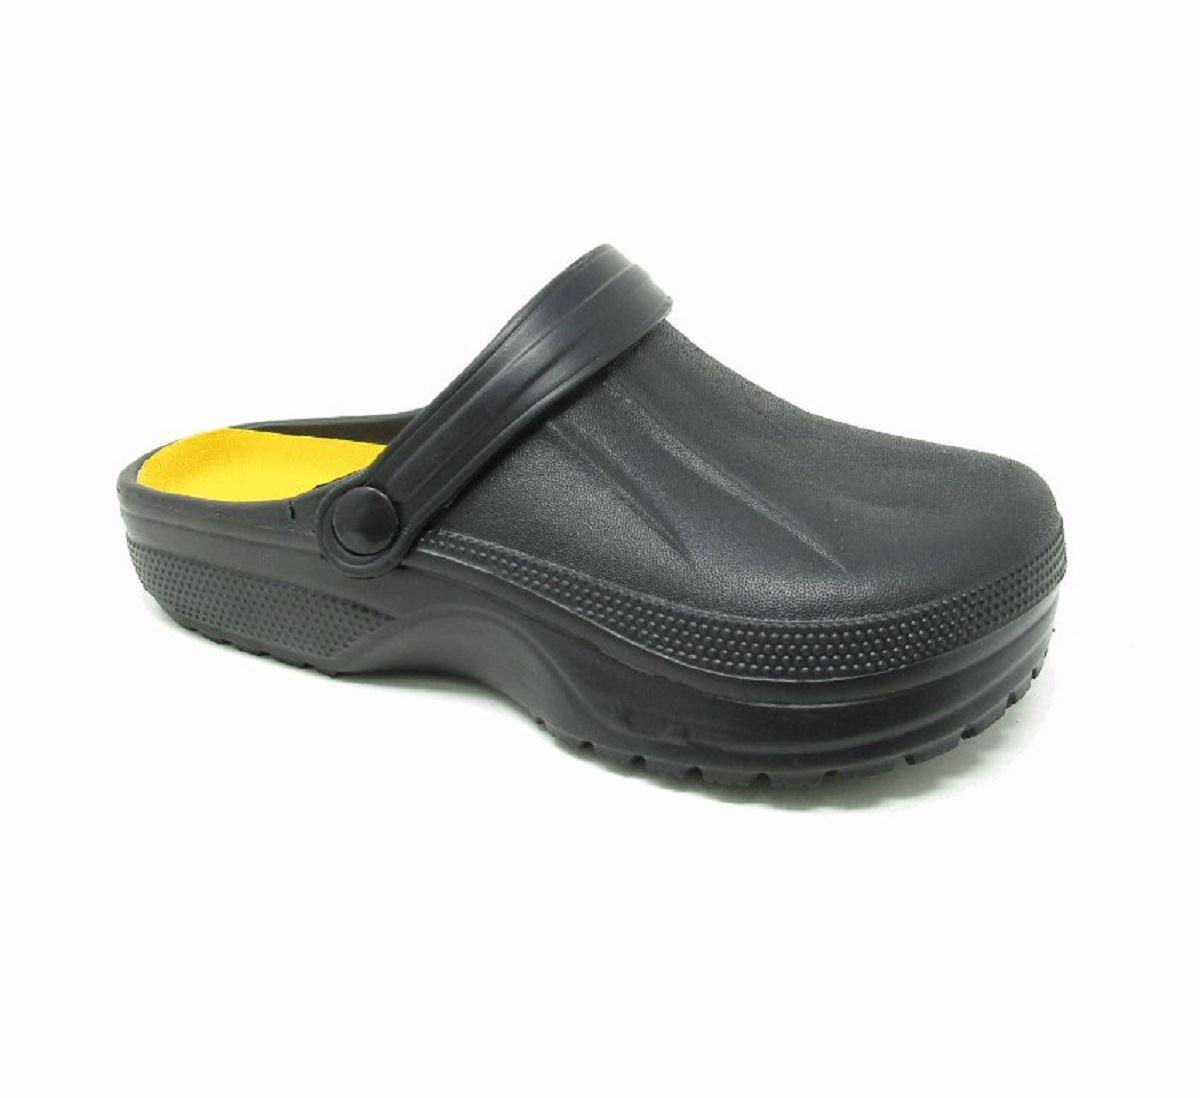 Womens-Clogs-Mules-Slipper-Nursing-Garden-Beach-Sandals-Hospital-Rubber-Shoes miniatura 3